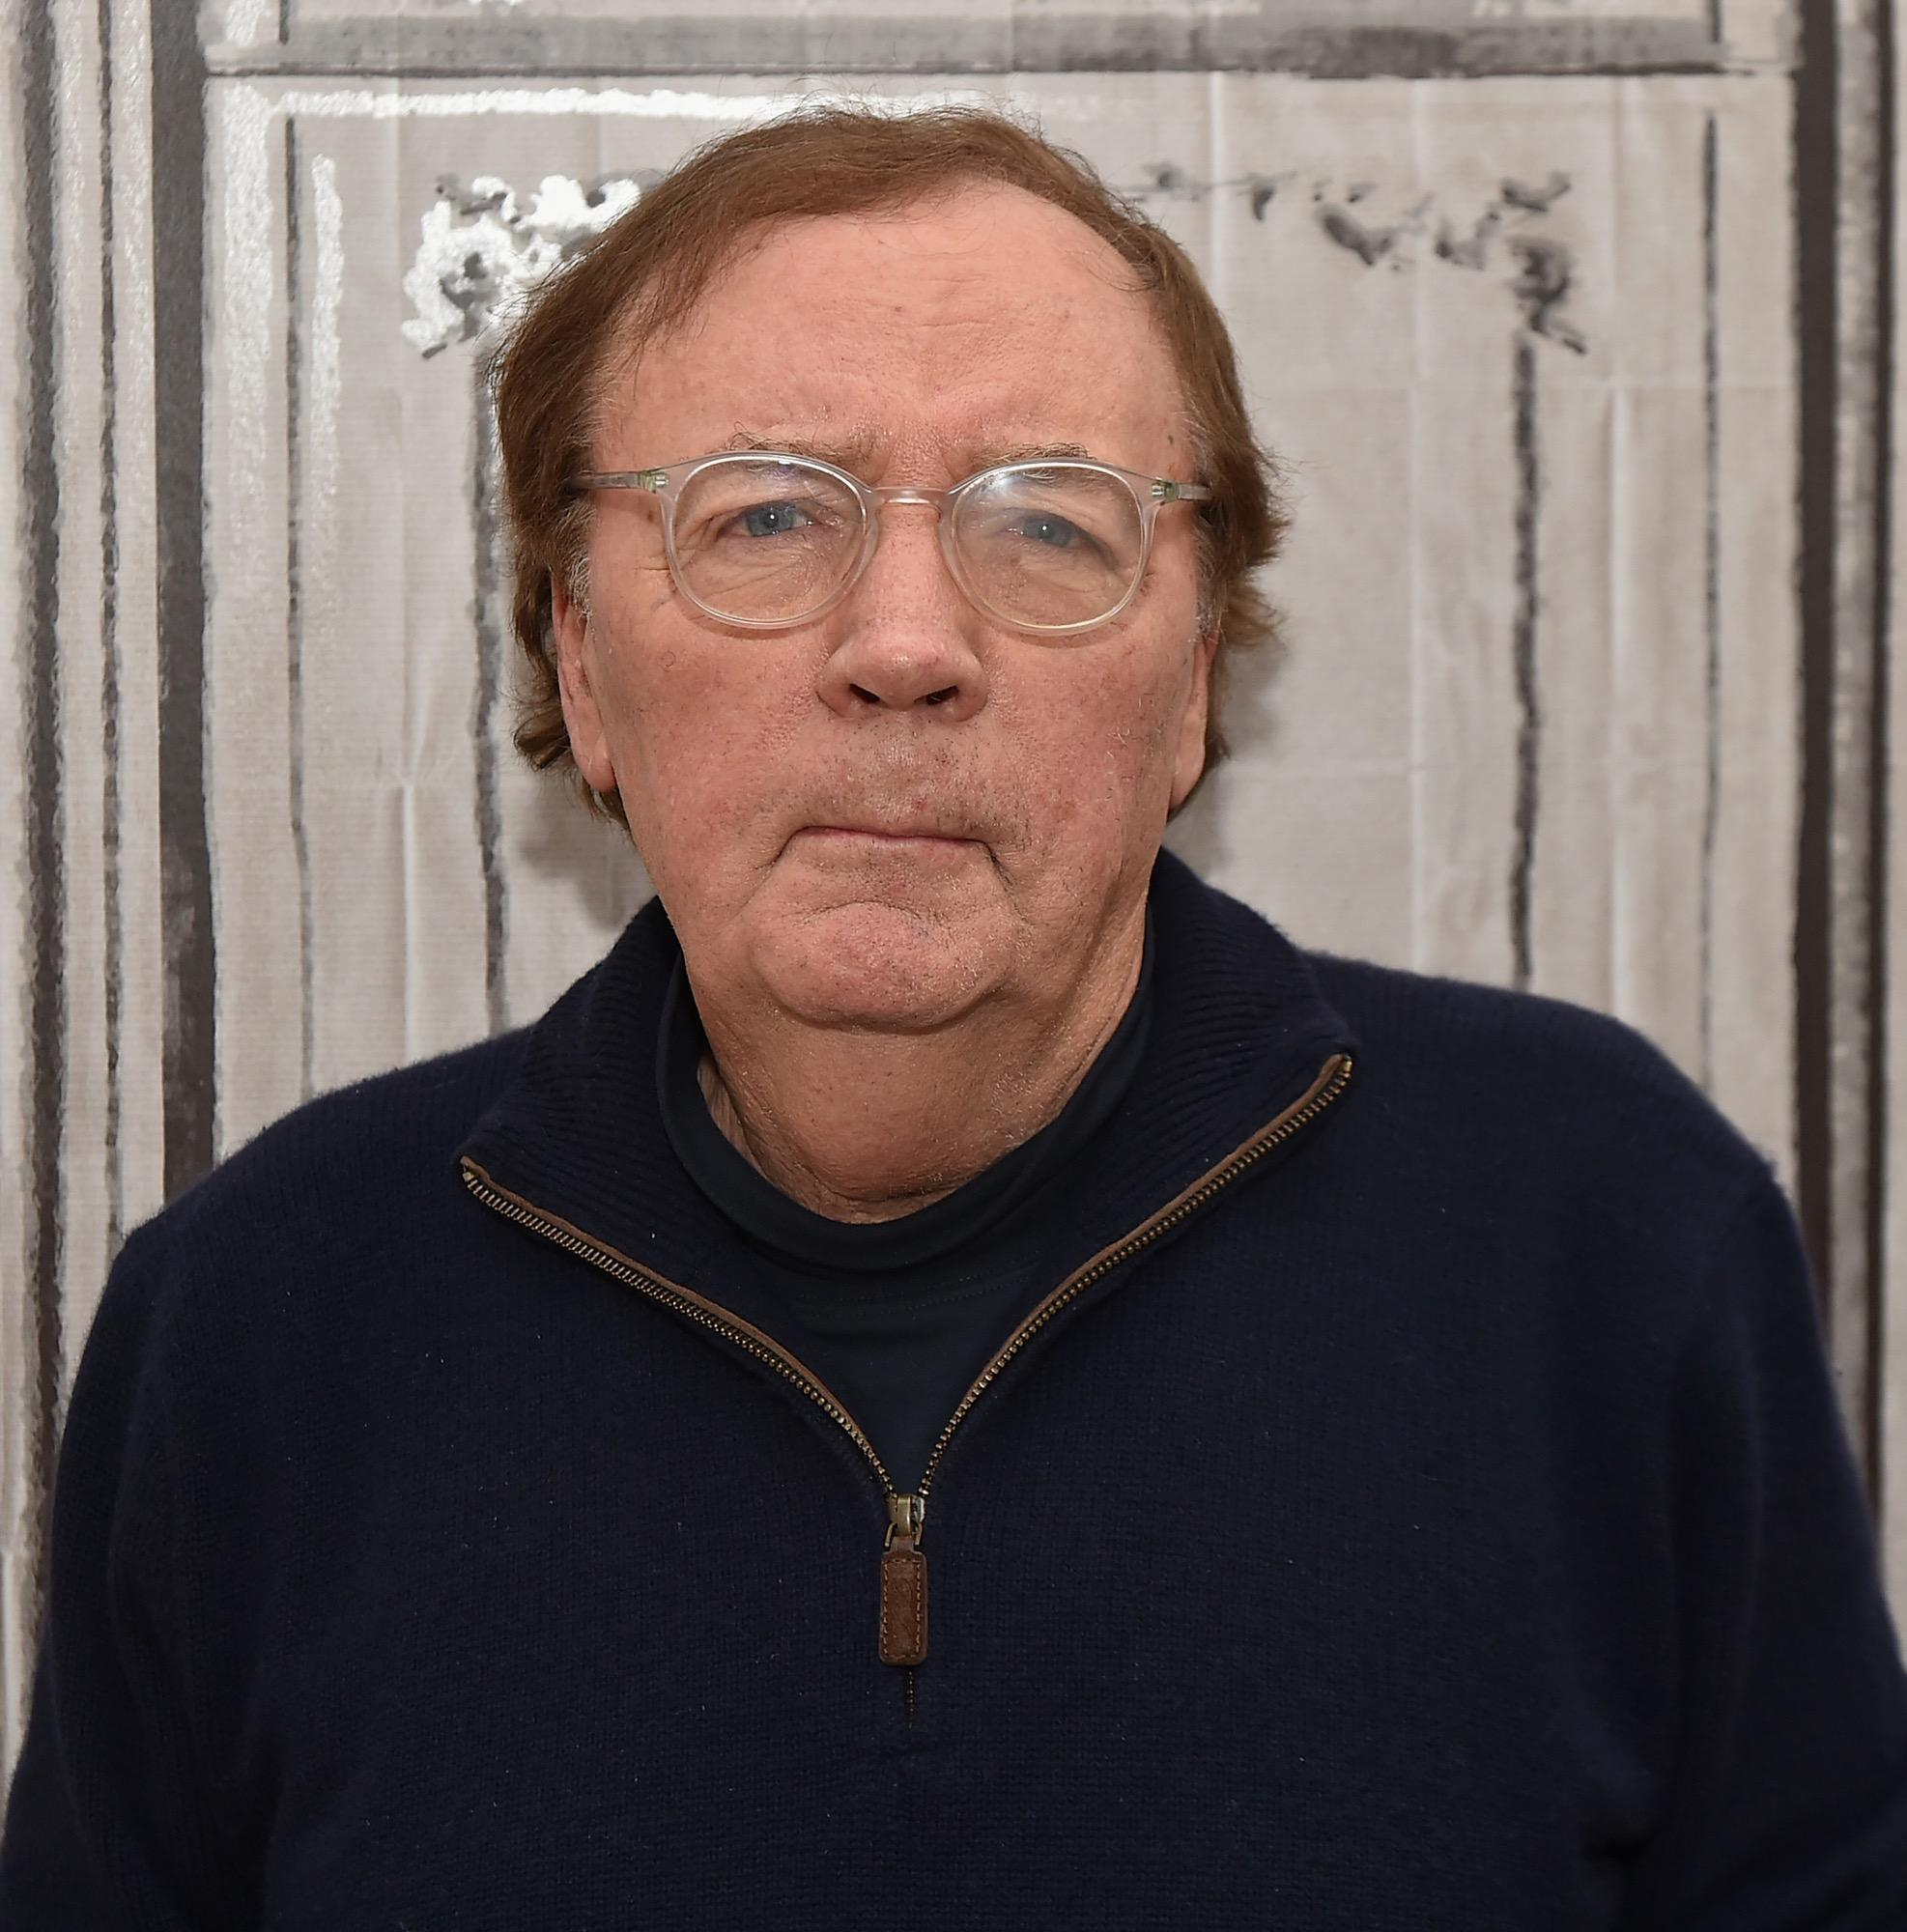 Krimi-Autor James Patterson (Alex-Cross-Reihe – noch Fragen?) muss sich auch keine Sorge um seine Rente machen. Dank seiner nervenaufreibenden Thriller ist er jetzt nämlich um 87 Millionen Dollar reicher.